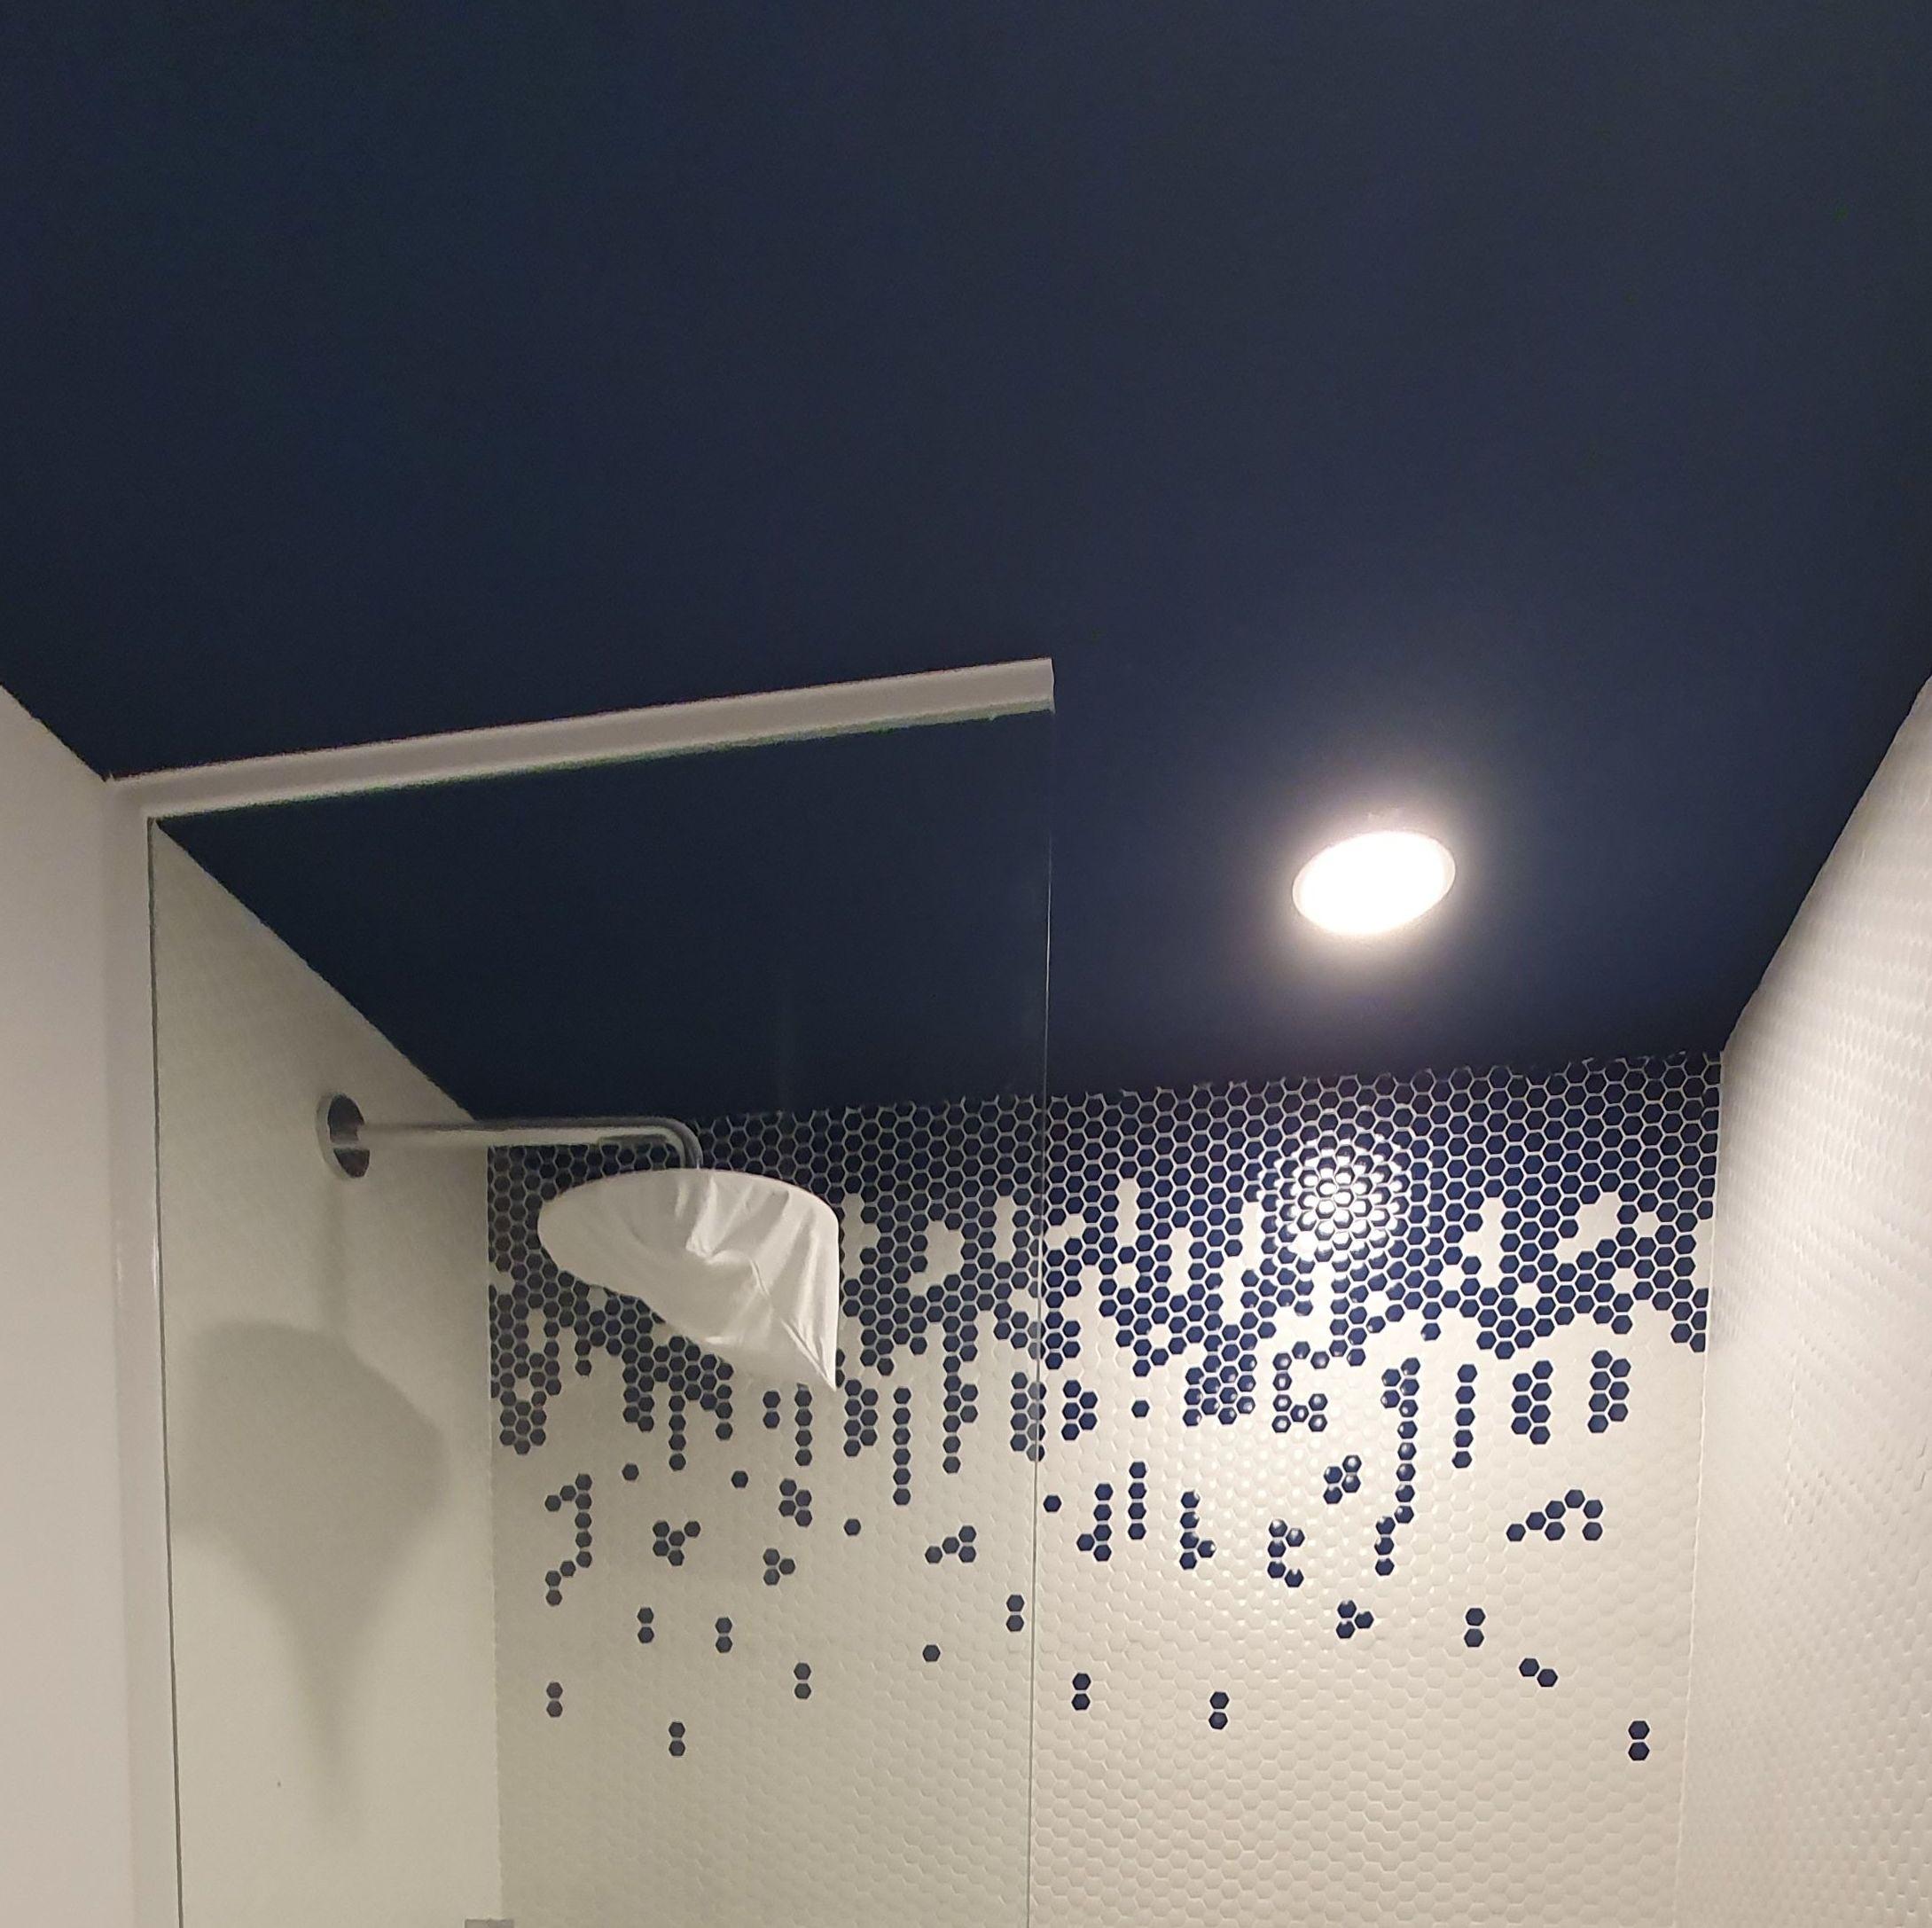 Mampara de ducha, fijo de vidrio templado. Cristaleria Formas